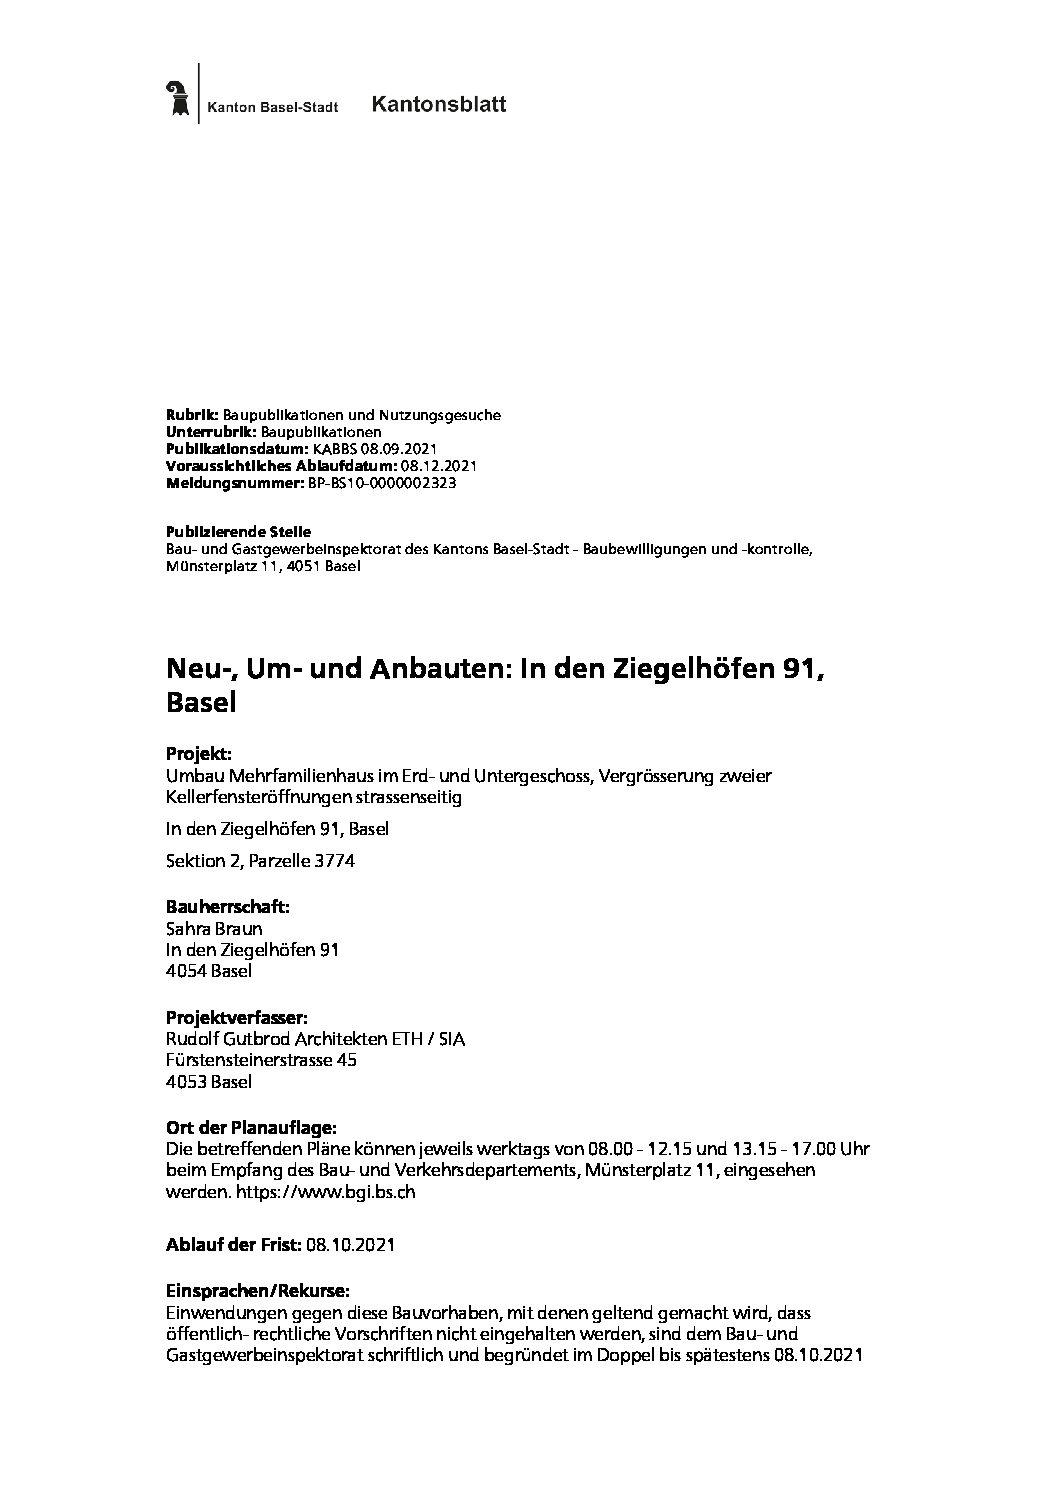 Mitteilung aus dem Kantonsblatt: Neu-, Um- und Anbauten